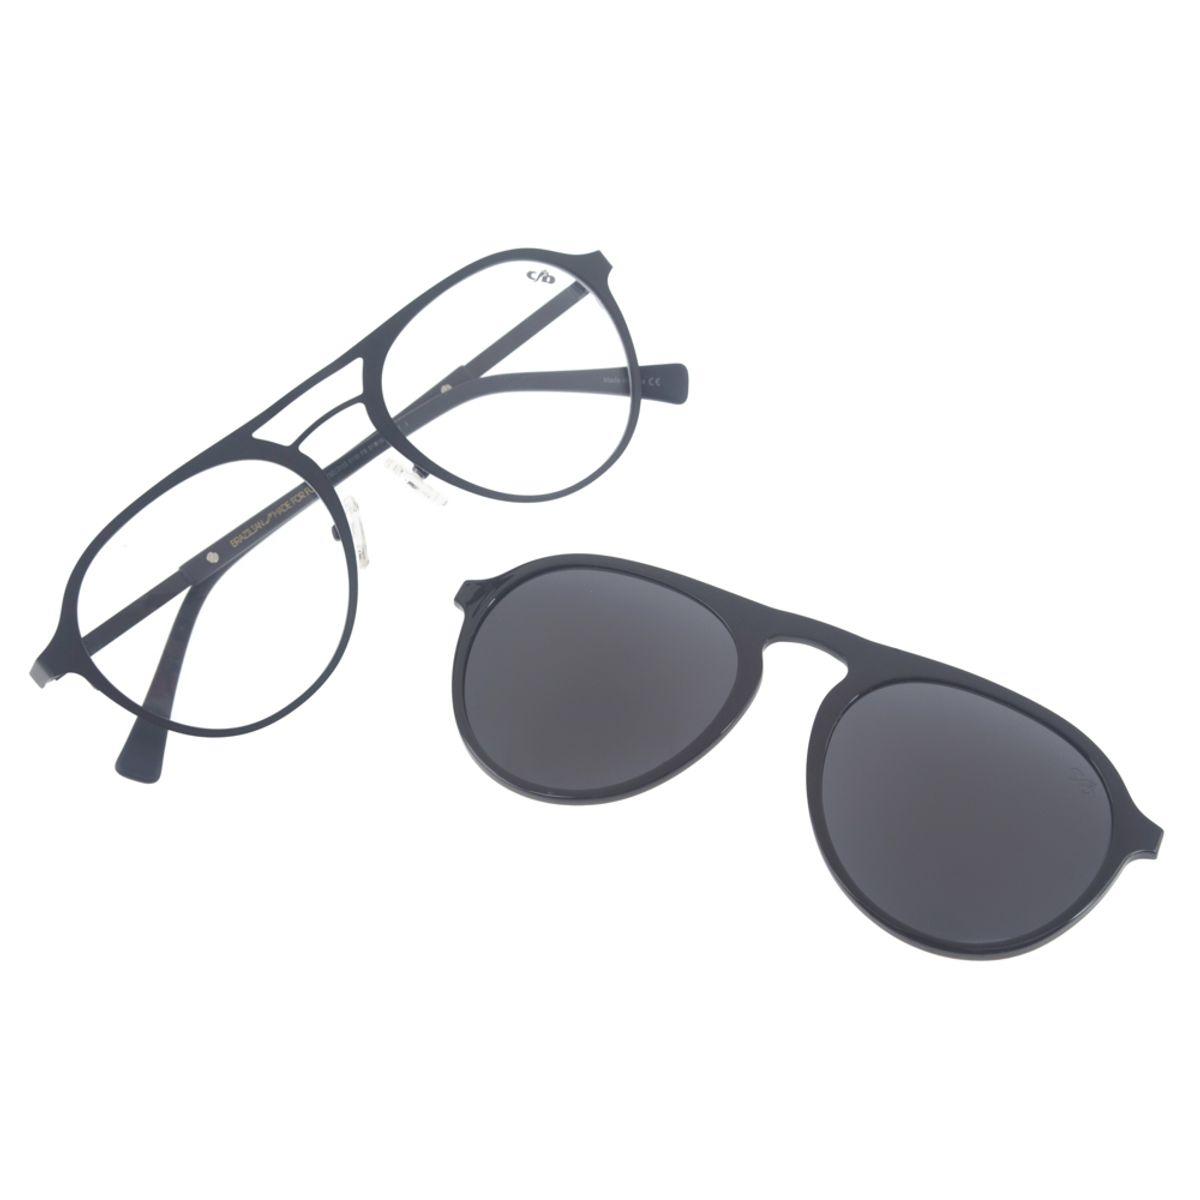 81669fa0436f7 Armação para Óculos de Grau Redondo Chilli Beans Multi Unissex ...